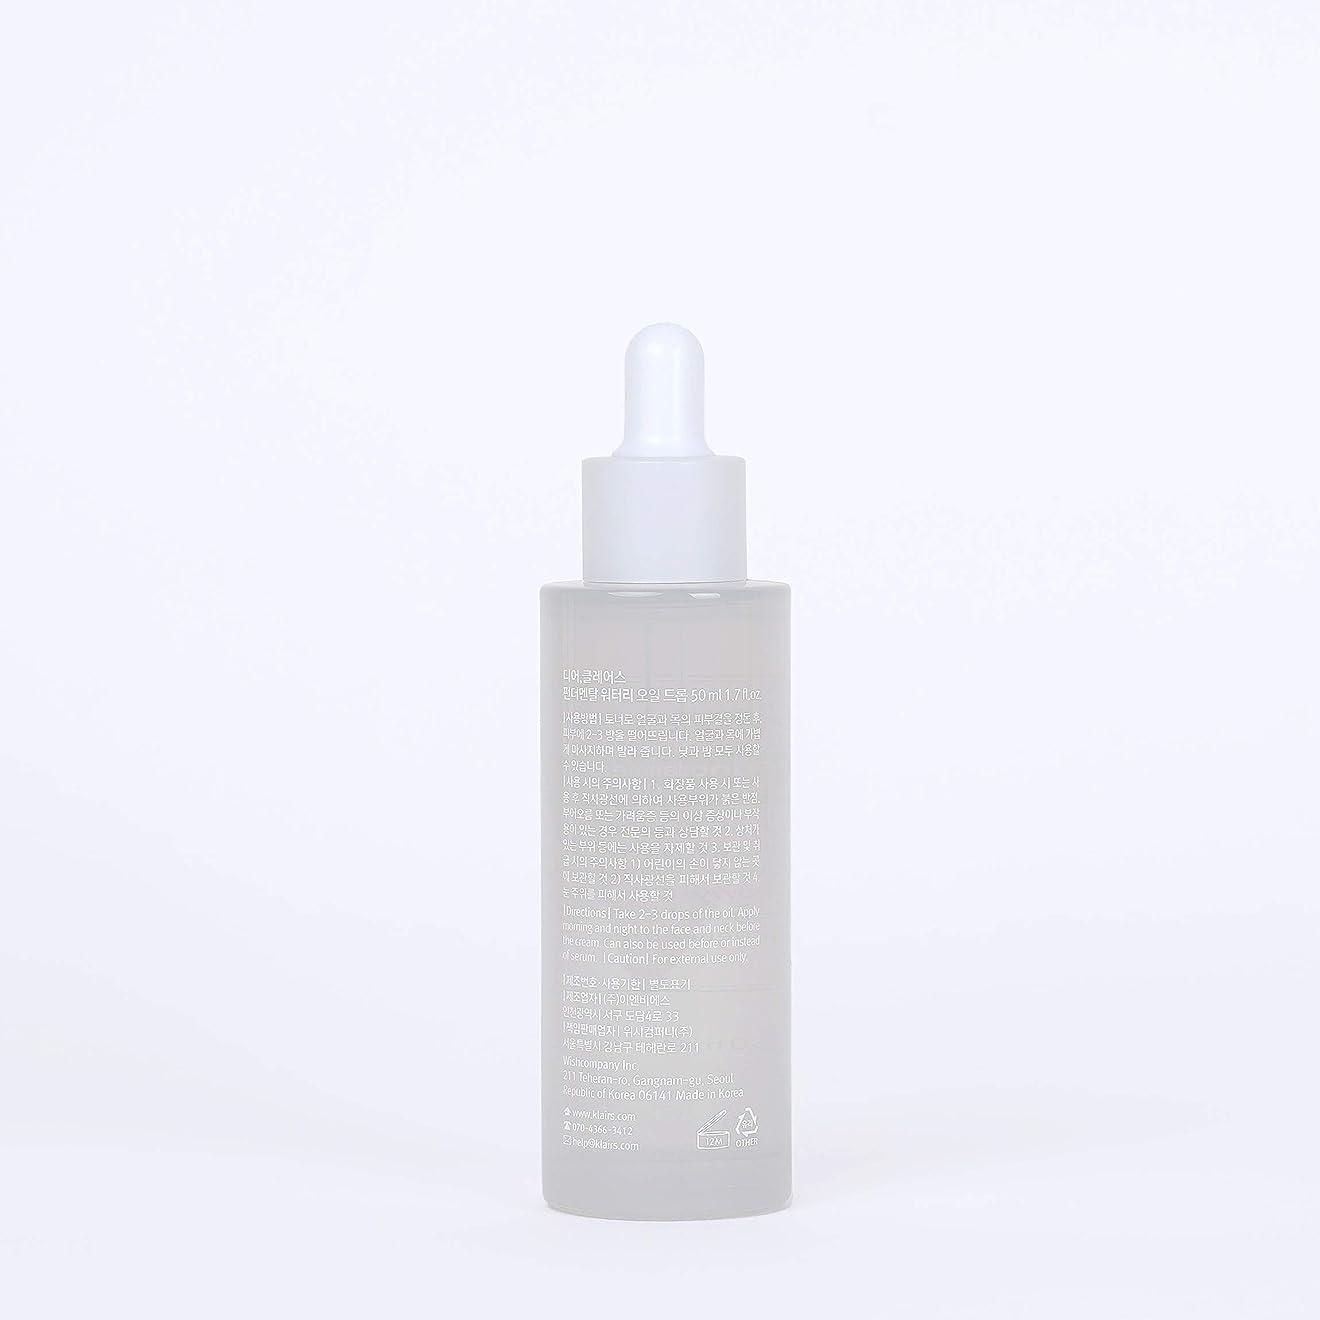 通行人検証時折【クレアス(Klairs)】ファンダメンタルウォーターリーオイルドロップ, Fundamental Watery Oil Drop, 50ml, [並行輸入品]